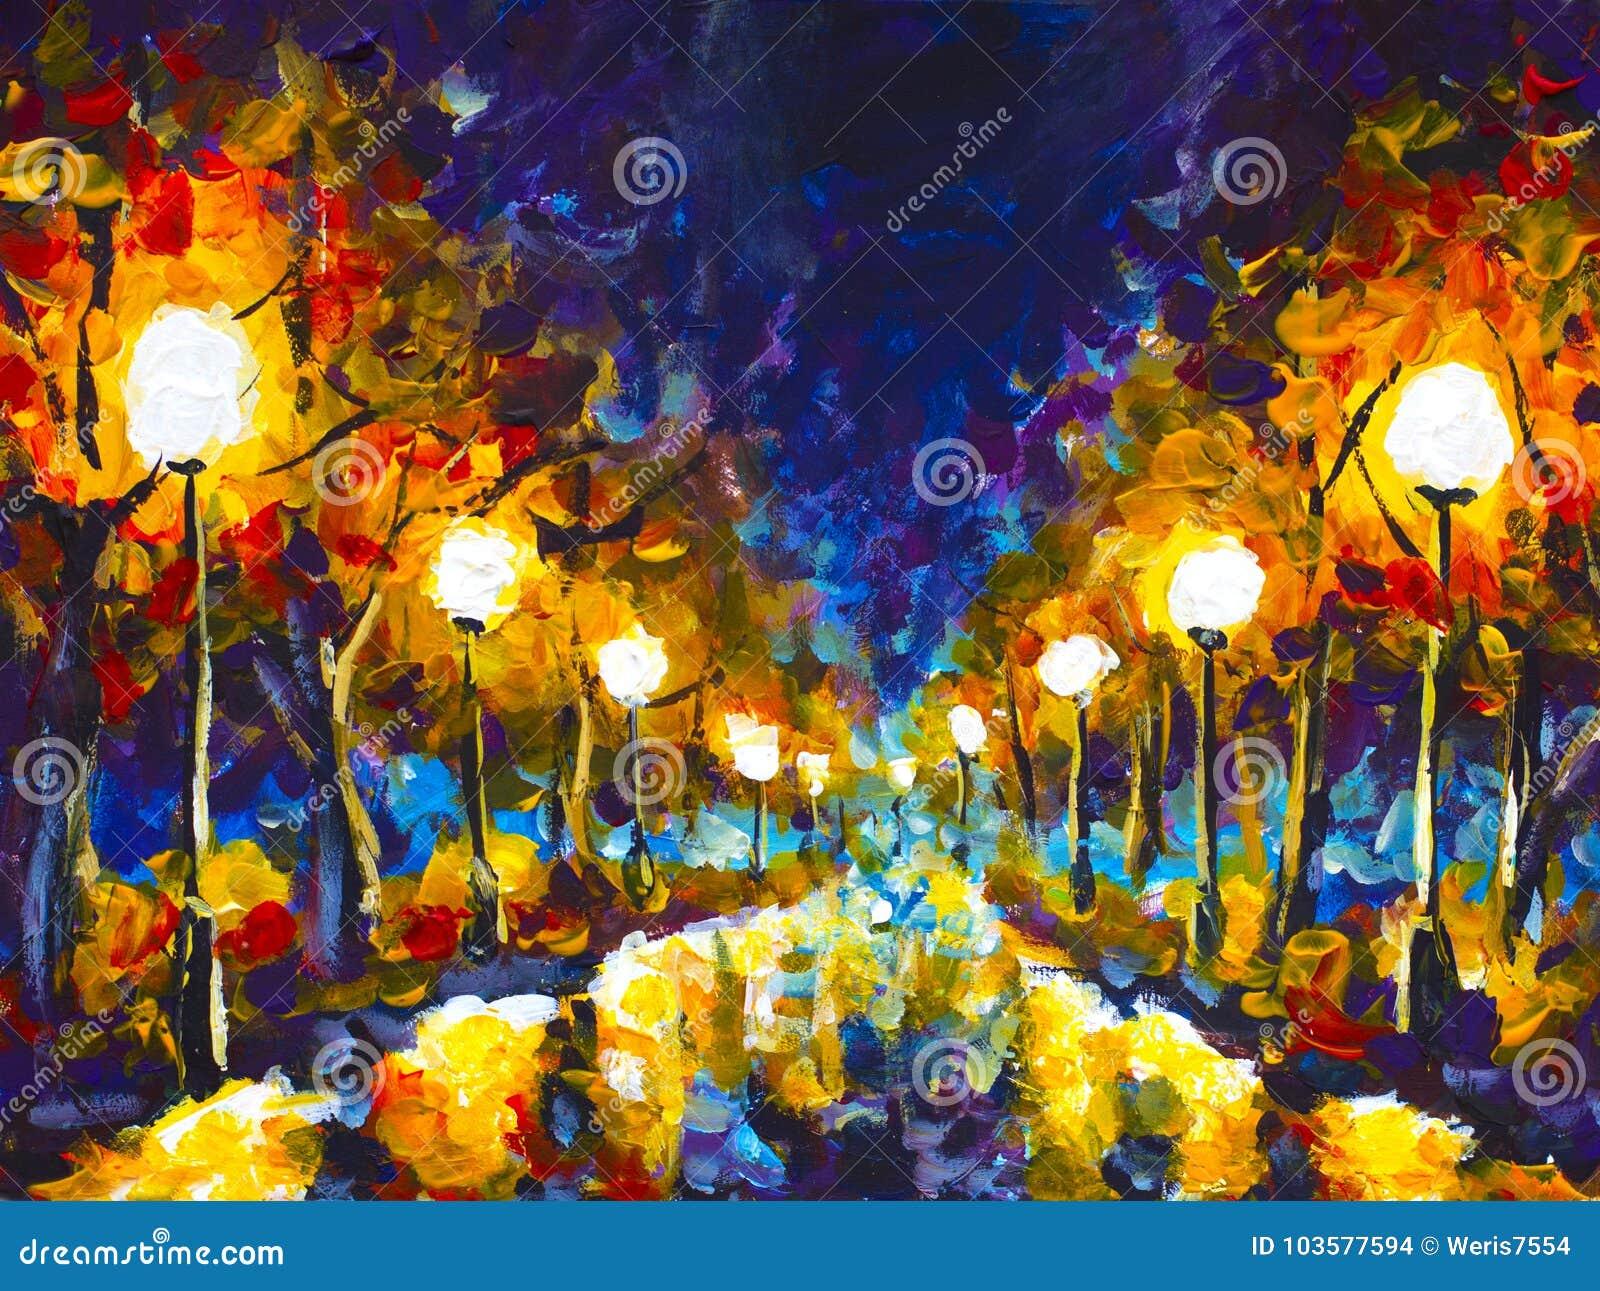 Первоначально городской пейзаж парка вечера картины маслом экспрессионизма, красивое отражение на влажном асфальте на холсте Абст